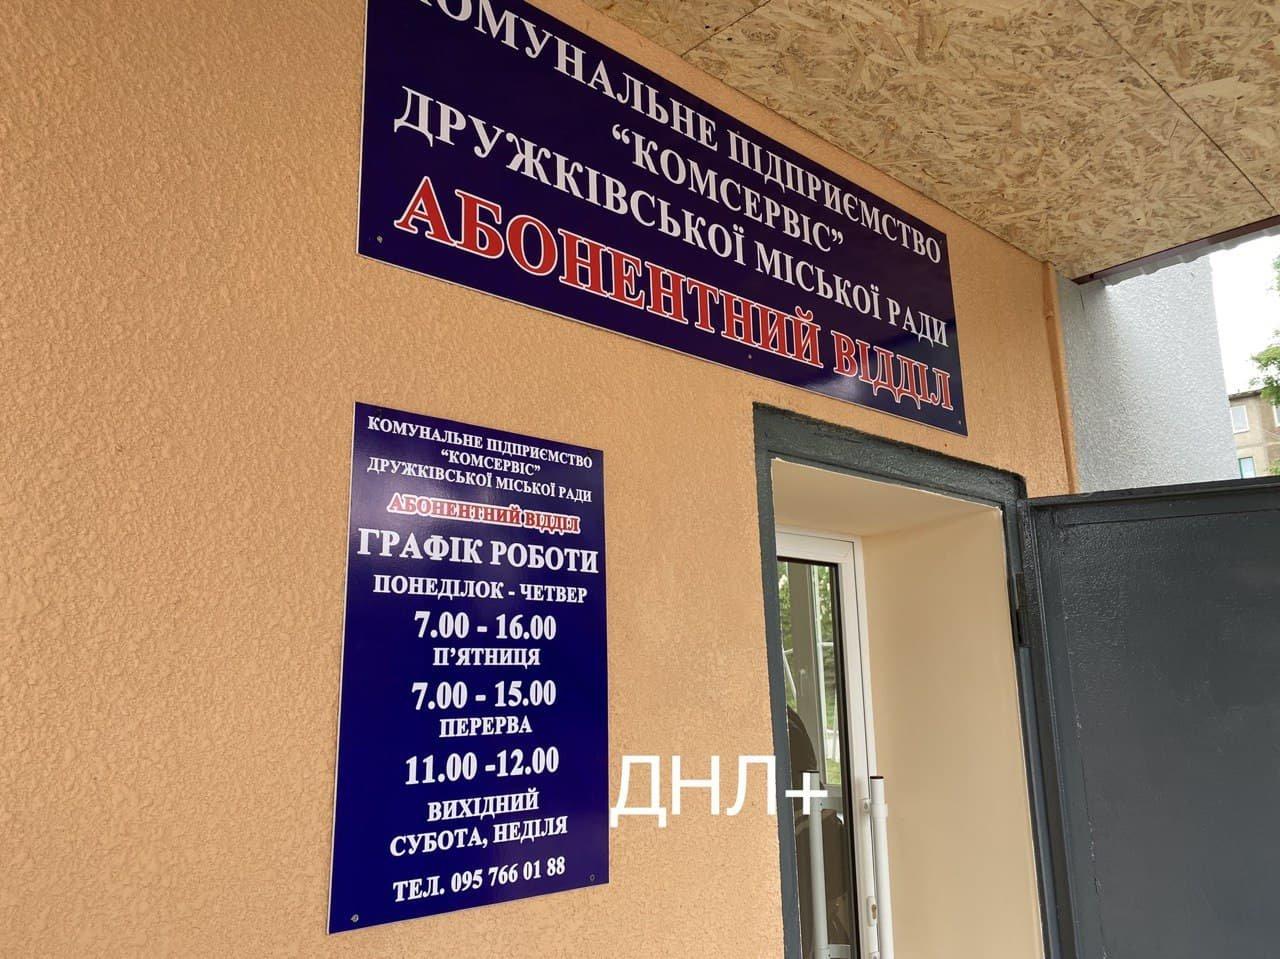 Абонвідділ «Комсервіс» переїхав в відремонтовану будівлю, фото-1